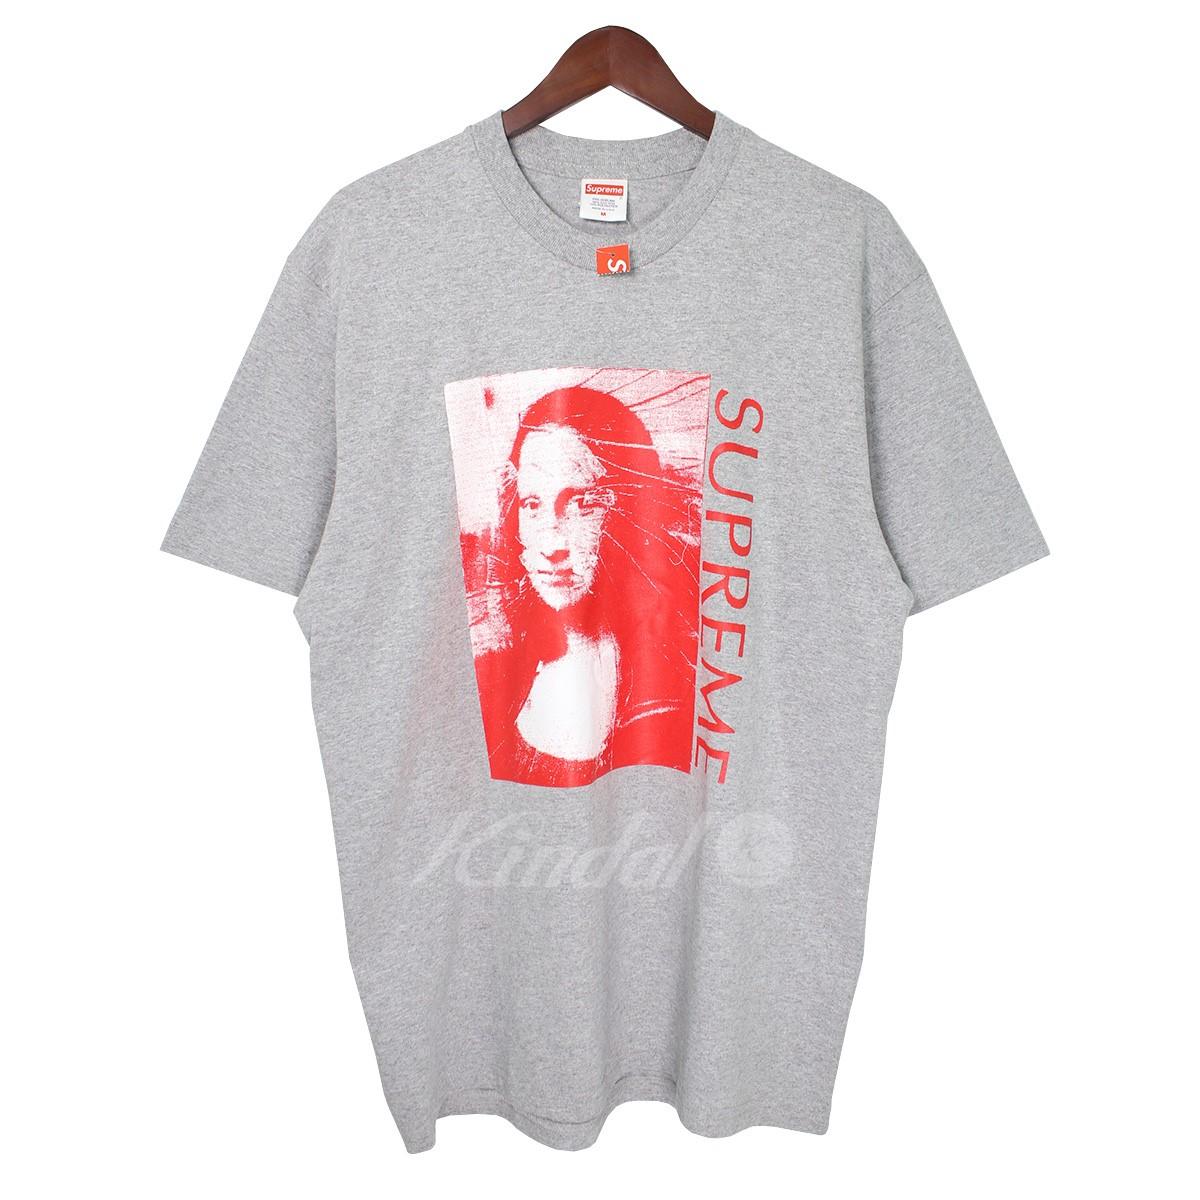 【中古】SUPREME 18SS Mona Lisa Tee モナリザ ロゴTシャツ グレー サイズ:M 【送料無料】 【041018】(シュプリーム)